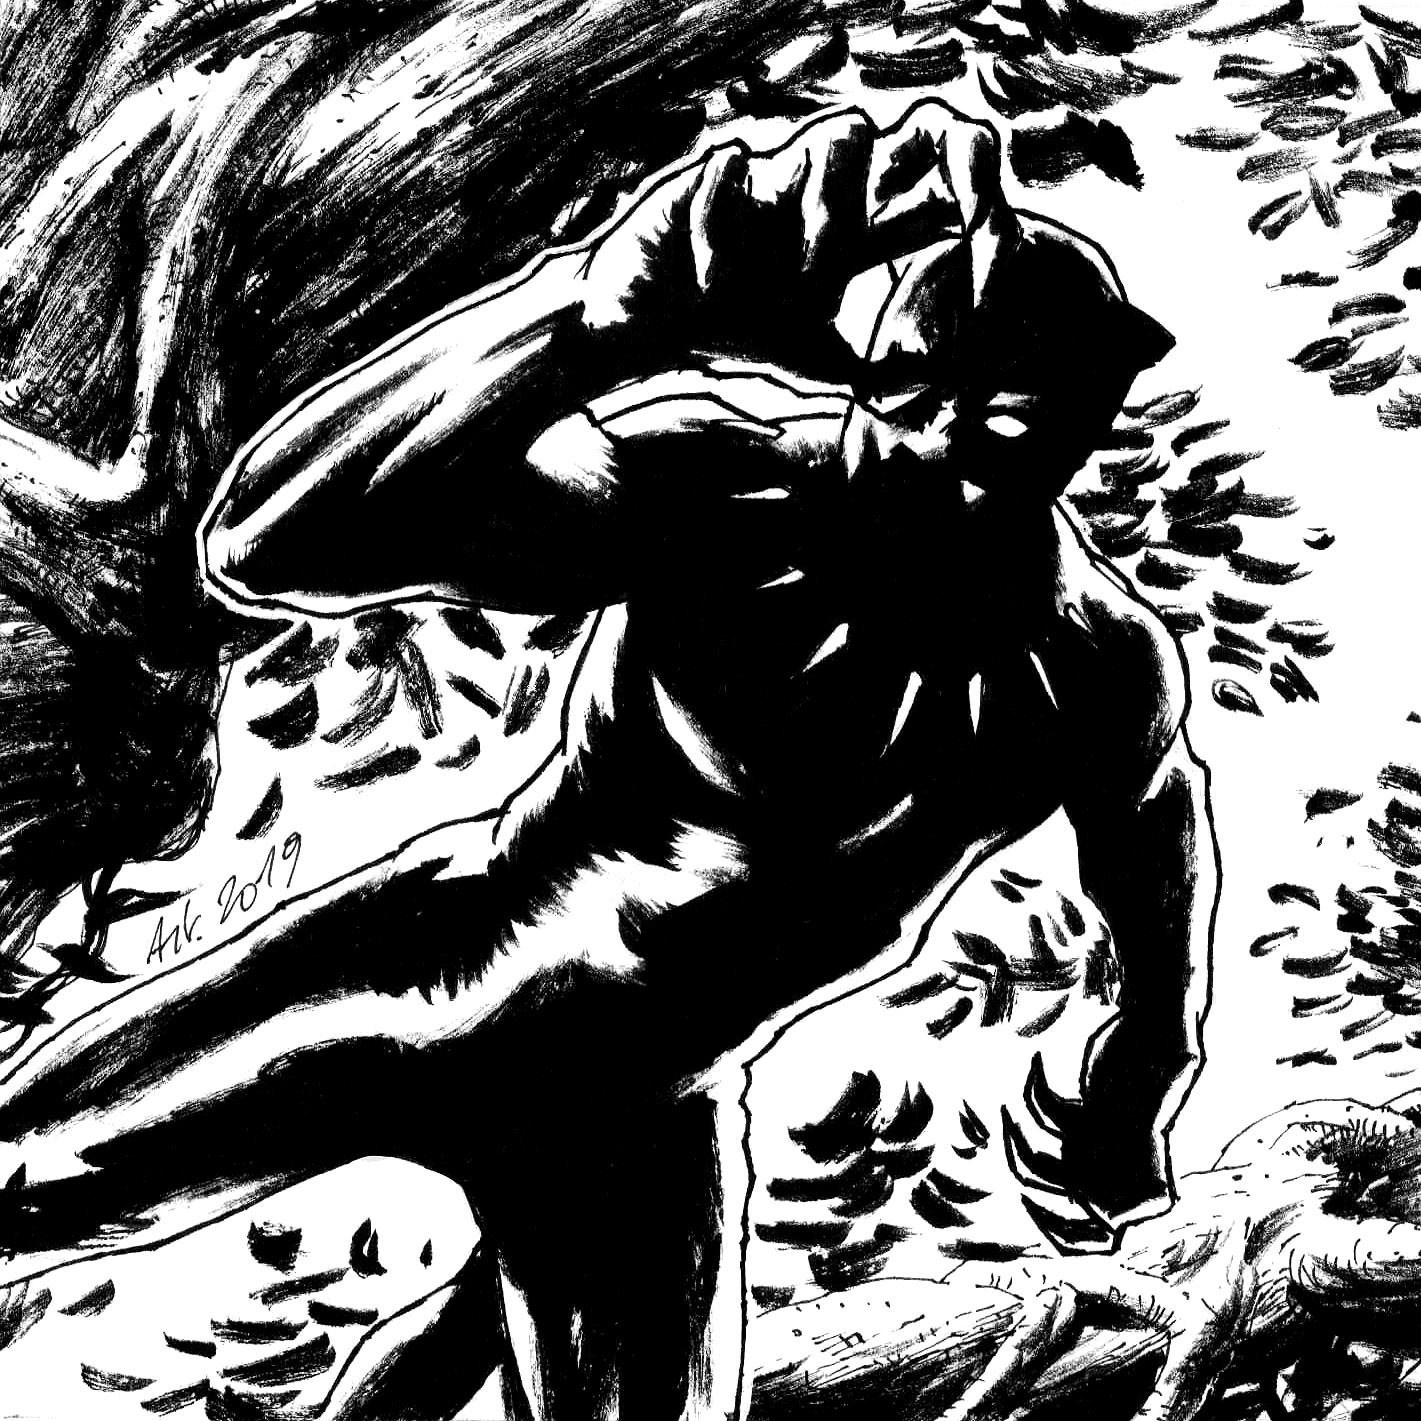 blak panther